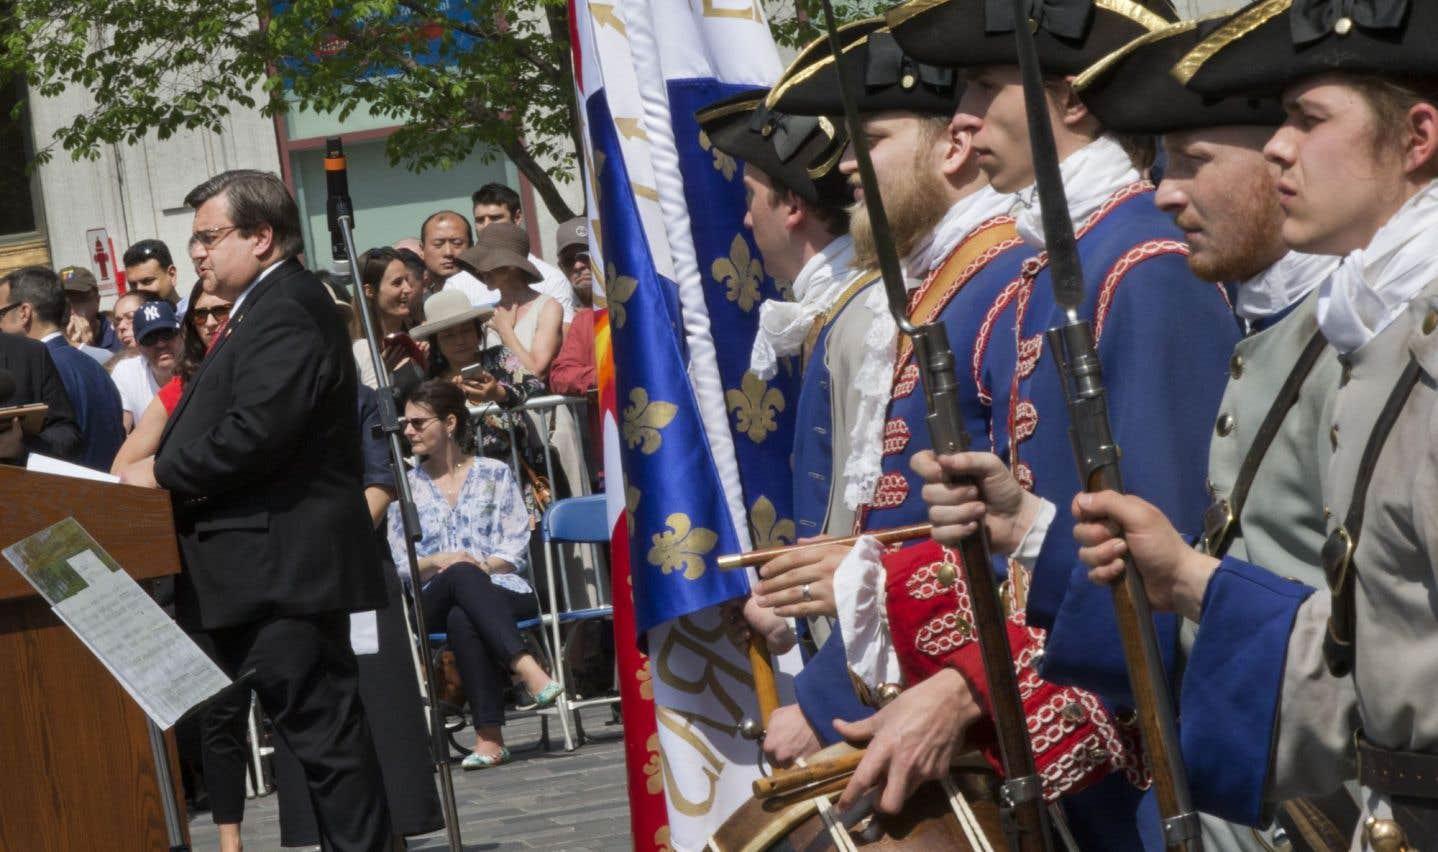 Montréal célèbre ses 375 printemps